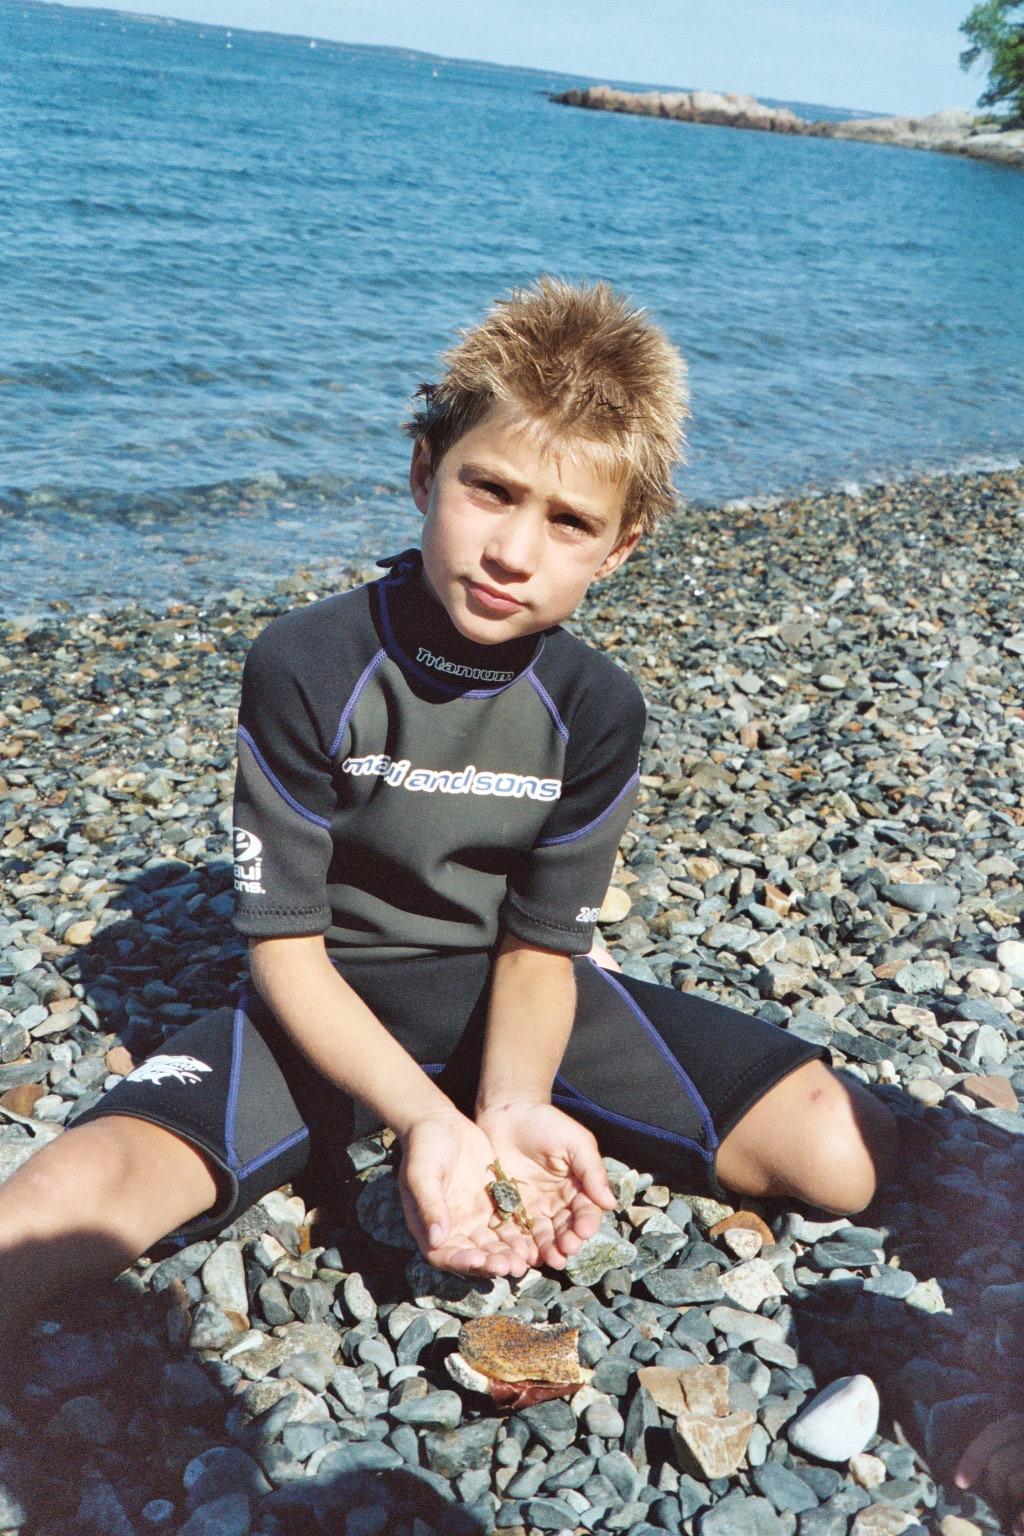 Jakob on a rocky beach